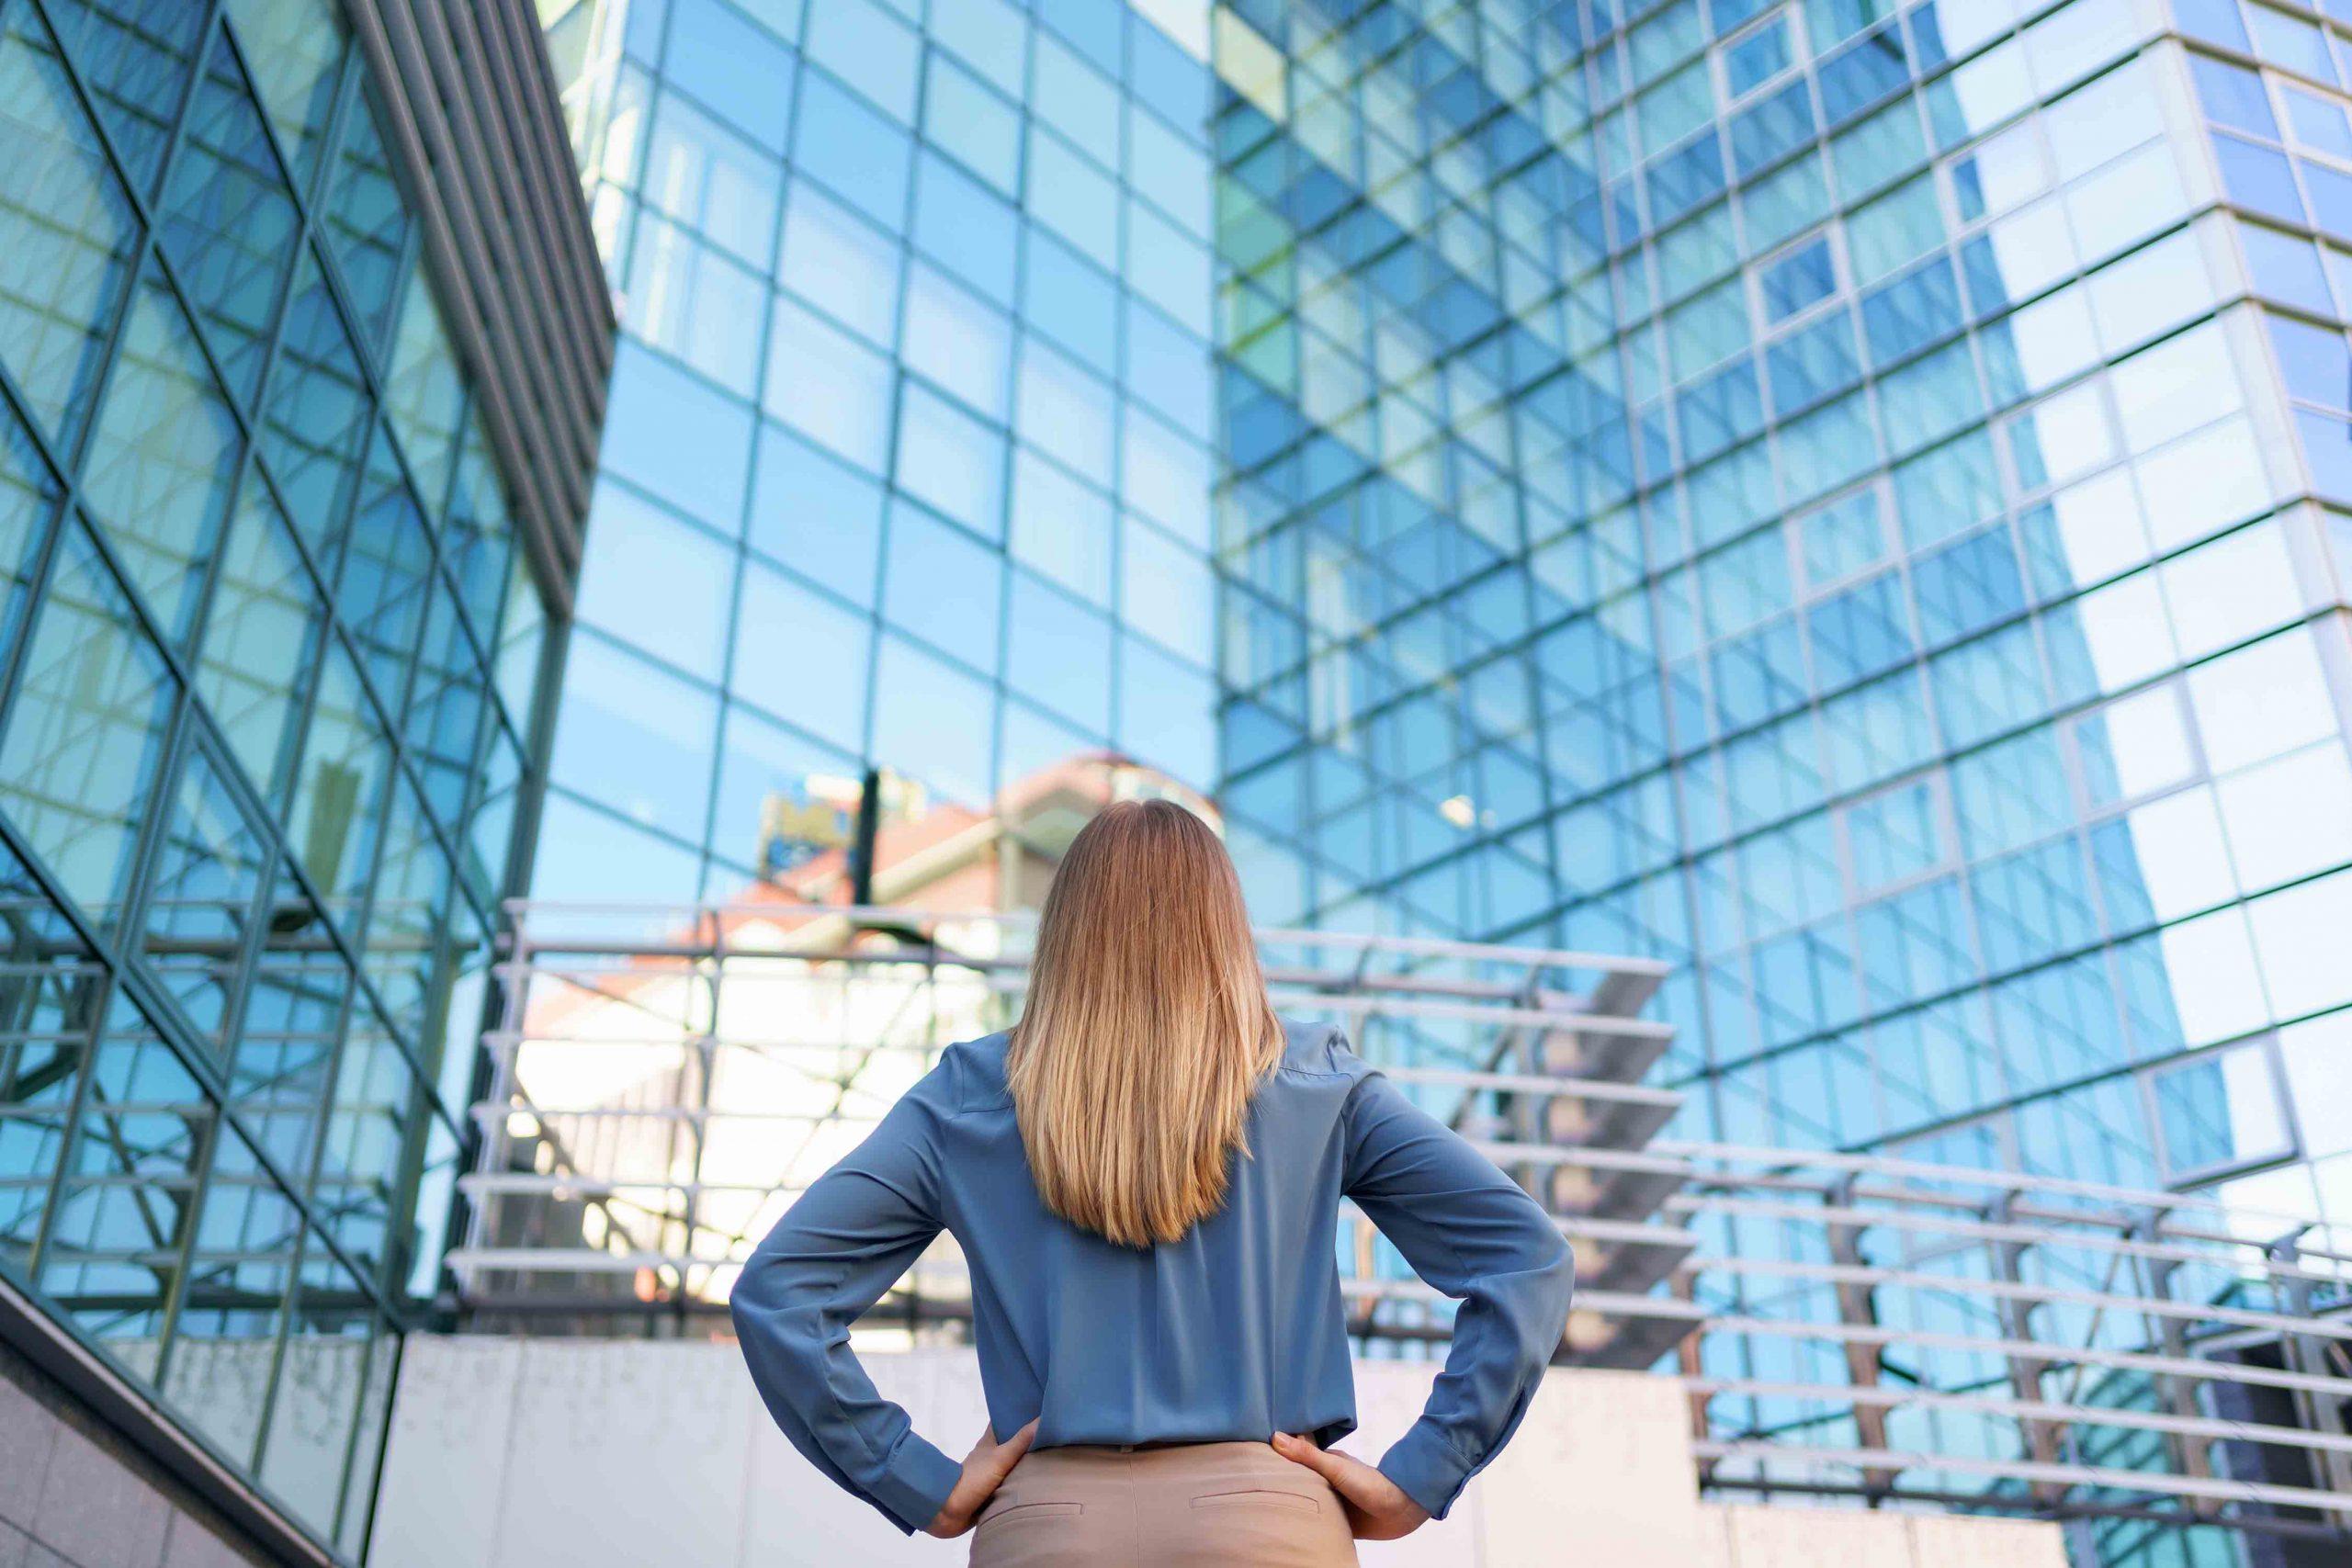 Mulher olhando grandes prédios empresariais, com diversas